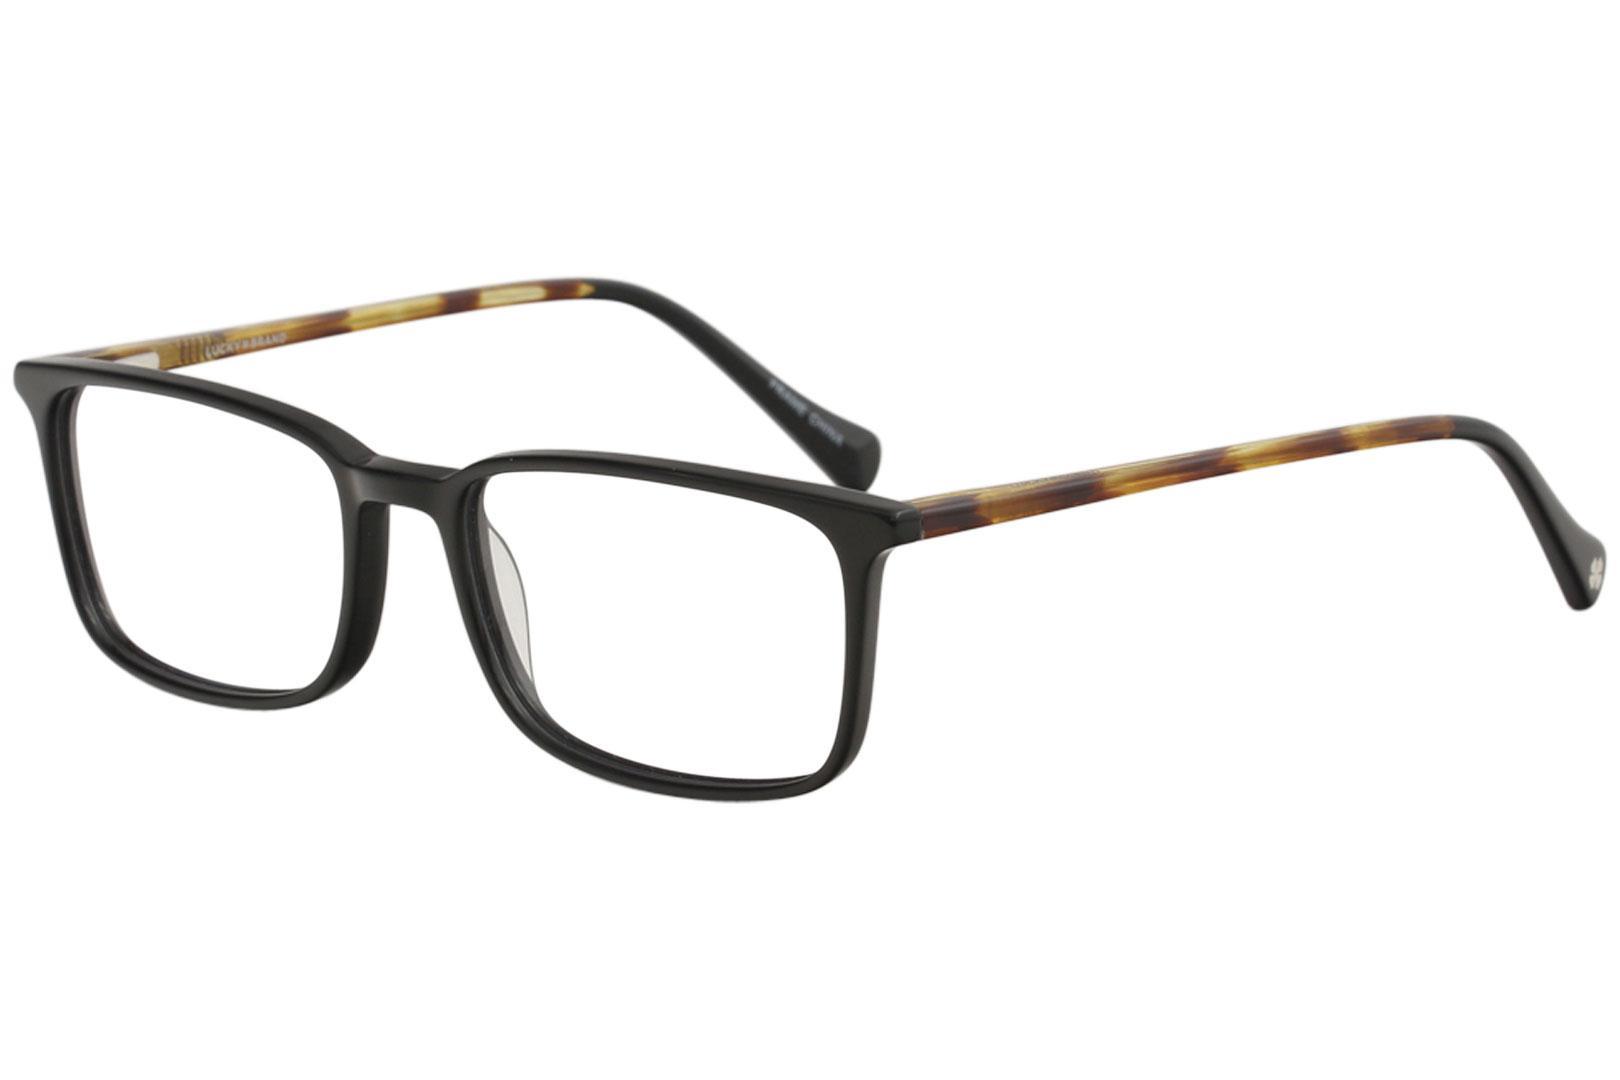 Lucky Brand Men\'s Eyeglasses D406 D/406 Full Rim Optical Frame